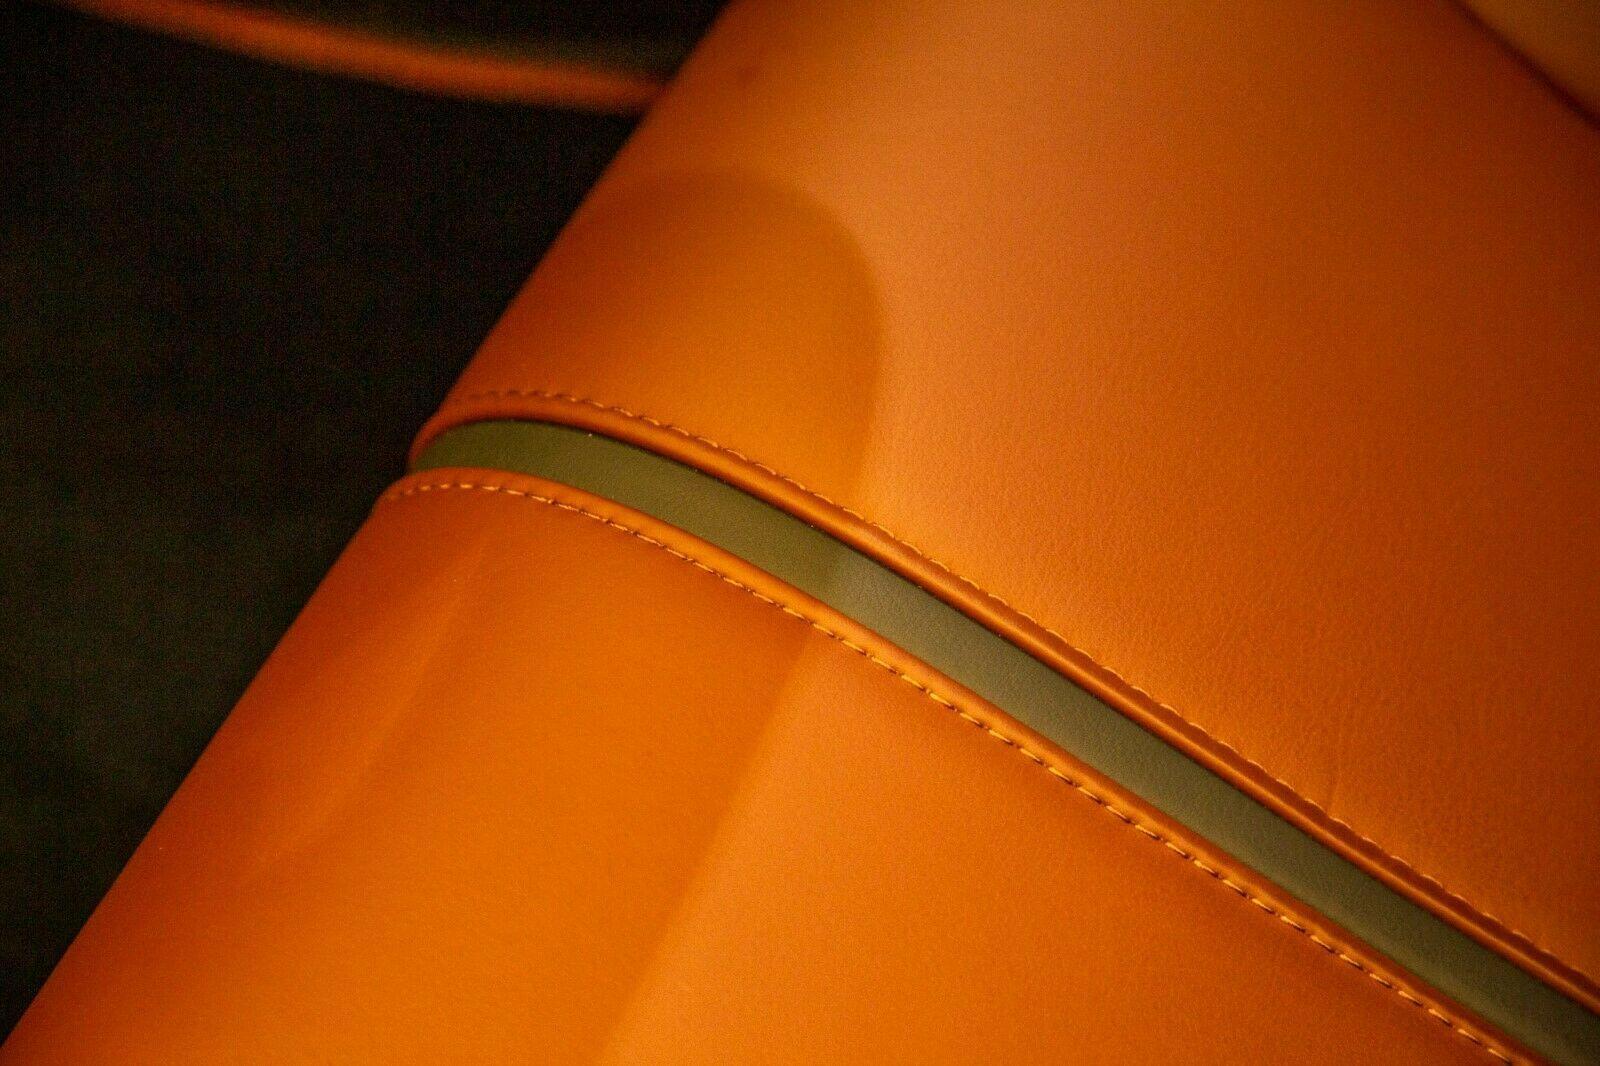 Aston Martin V12 Vantage S de vanzare - Aston Martin V12 Vantage S de vanzare